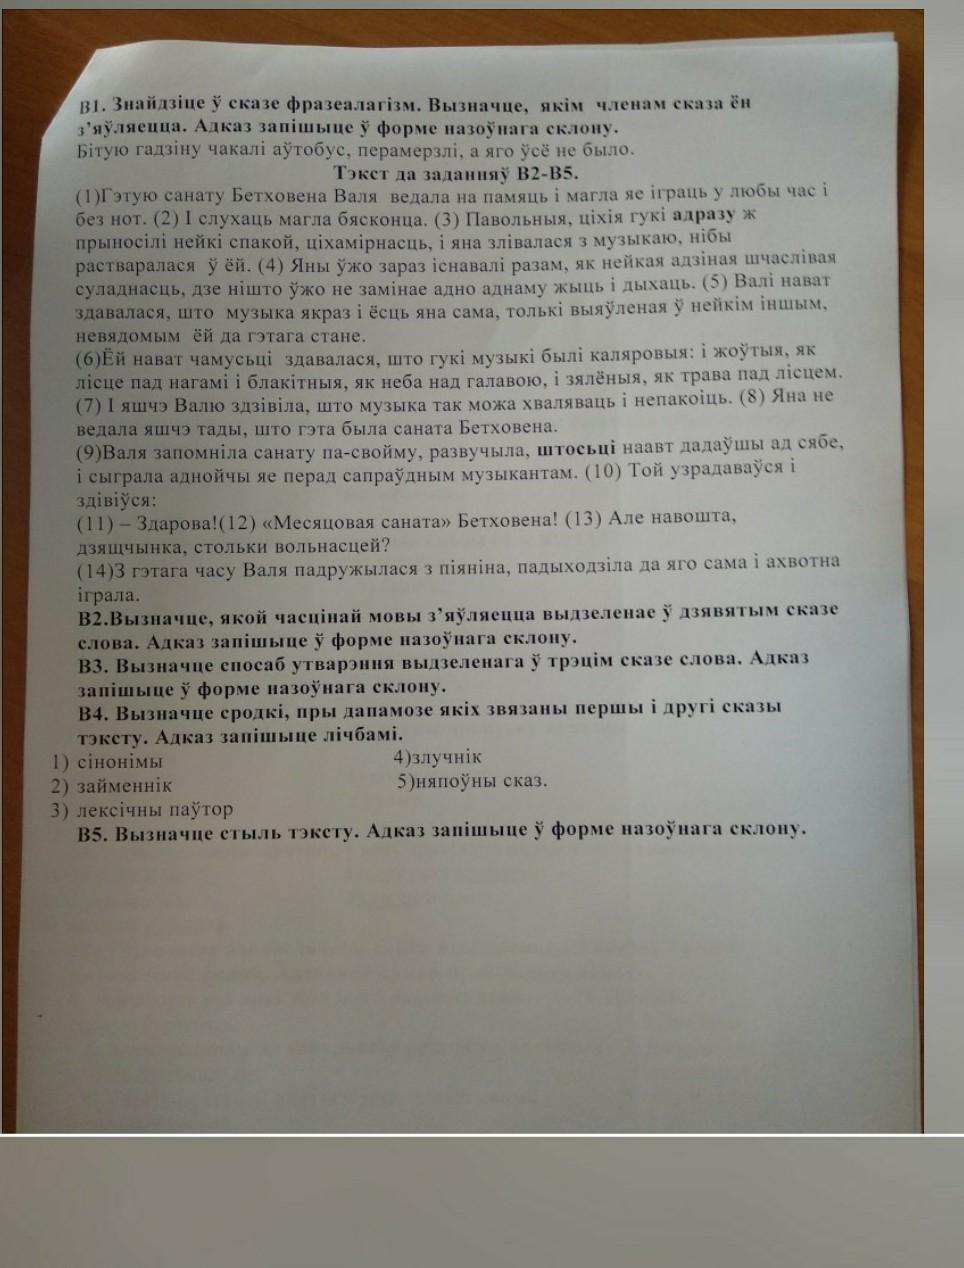 Помогите решить задания по белорусскому языку 